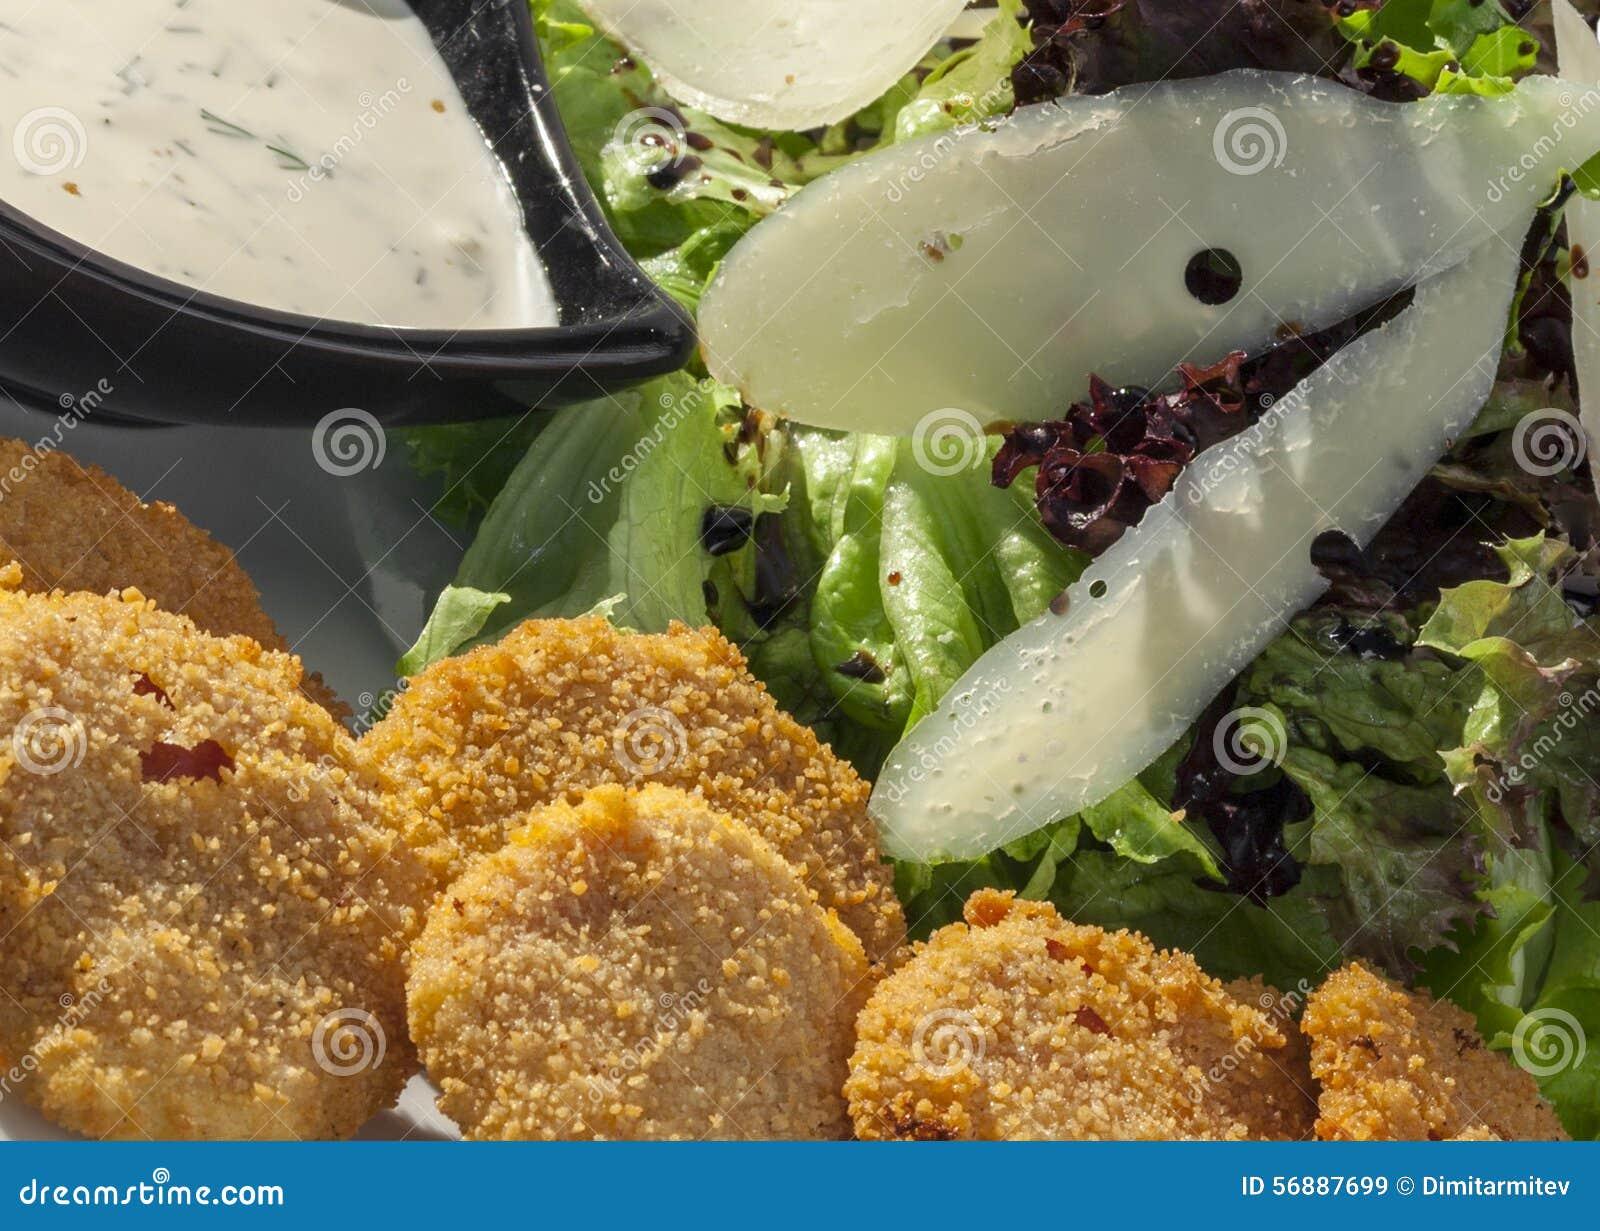 Crocchette fritte nel grasso bollente del formaggio servite con la salsa di aglio